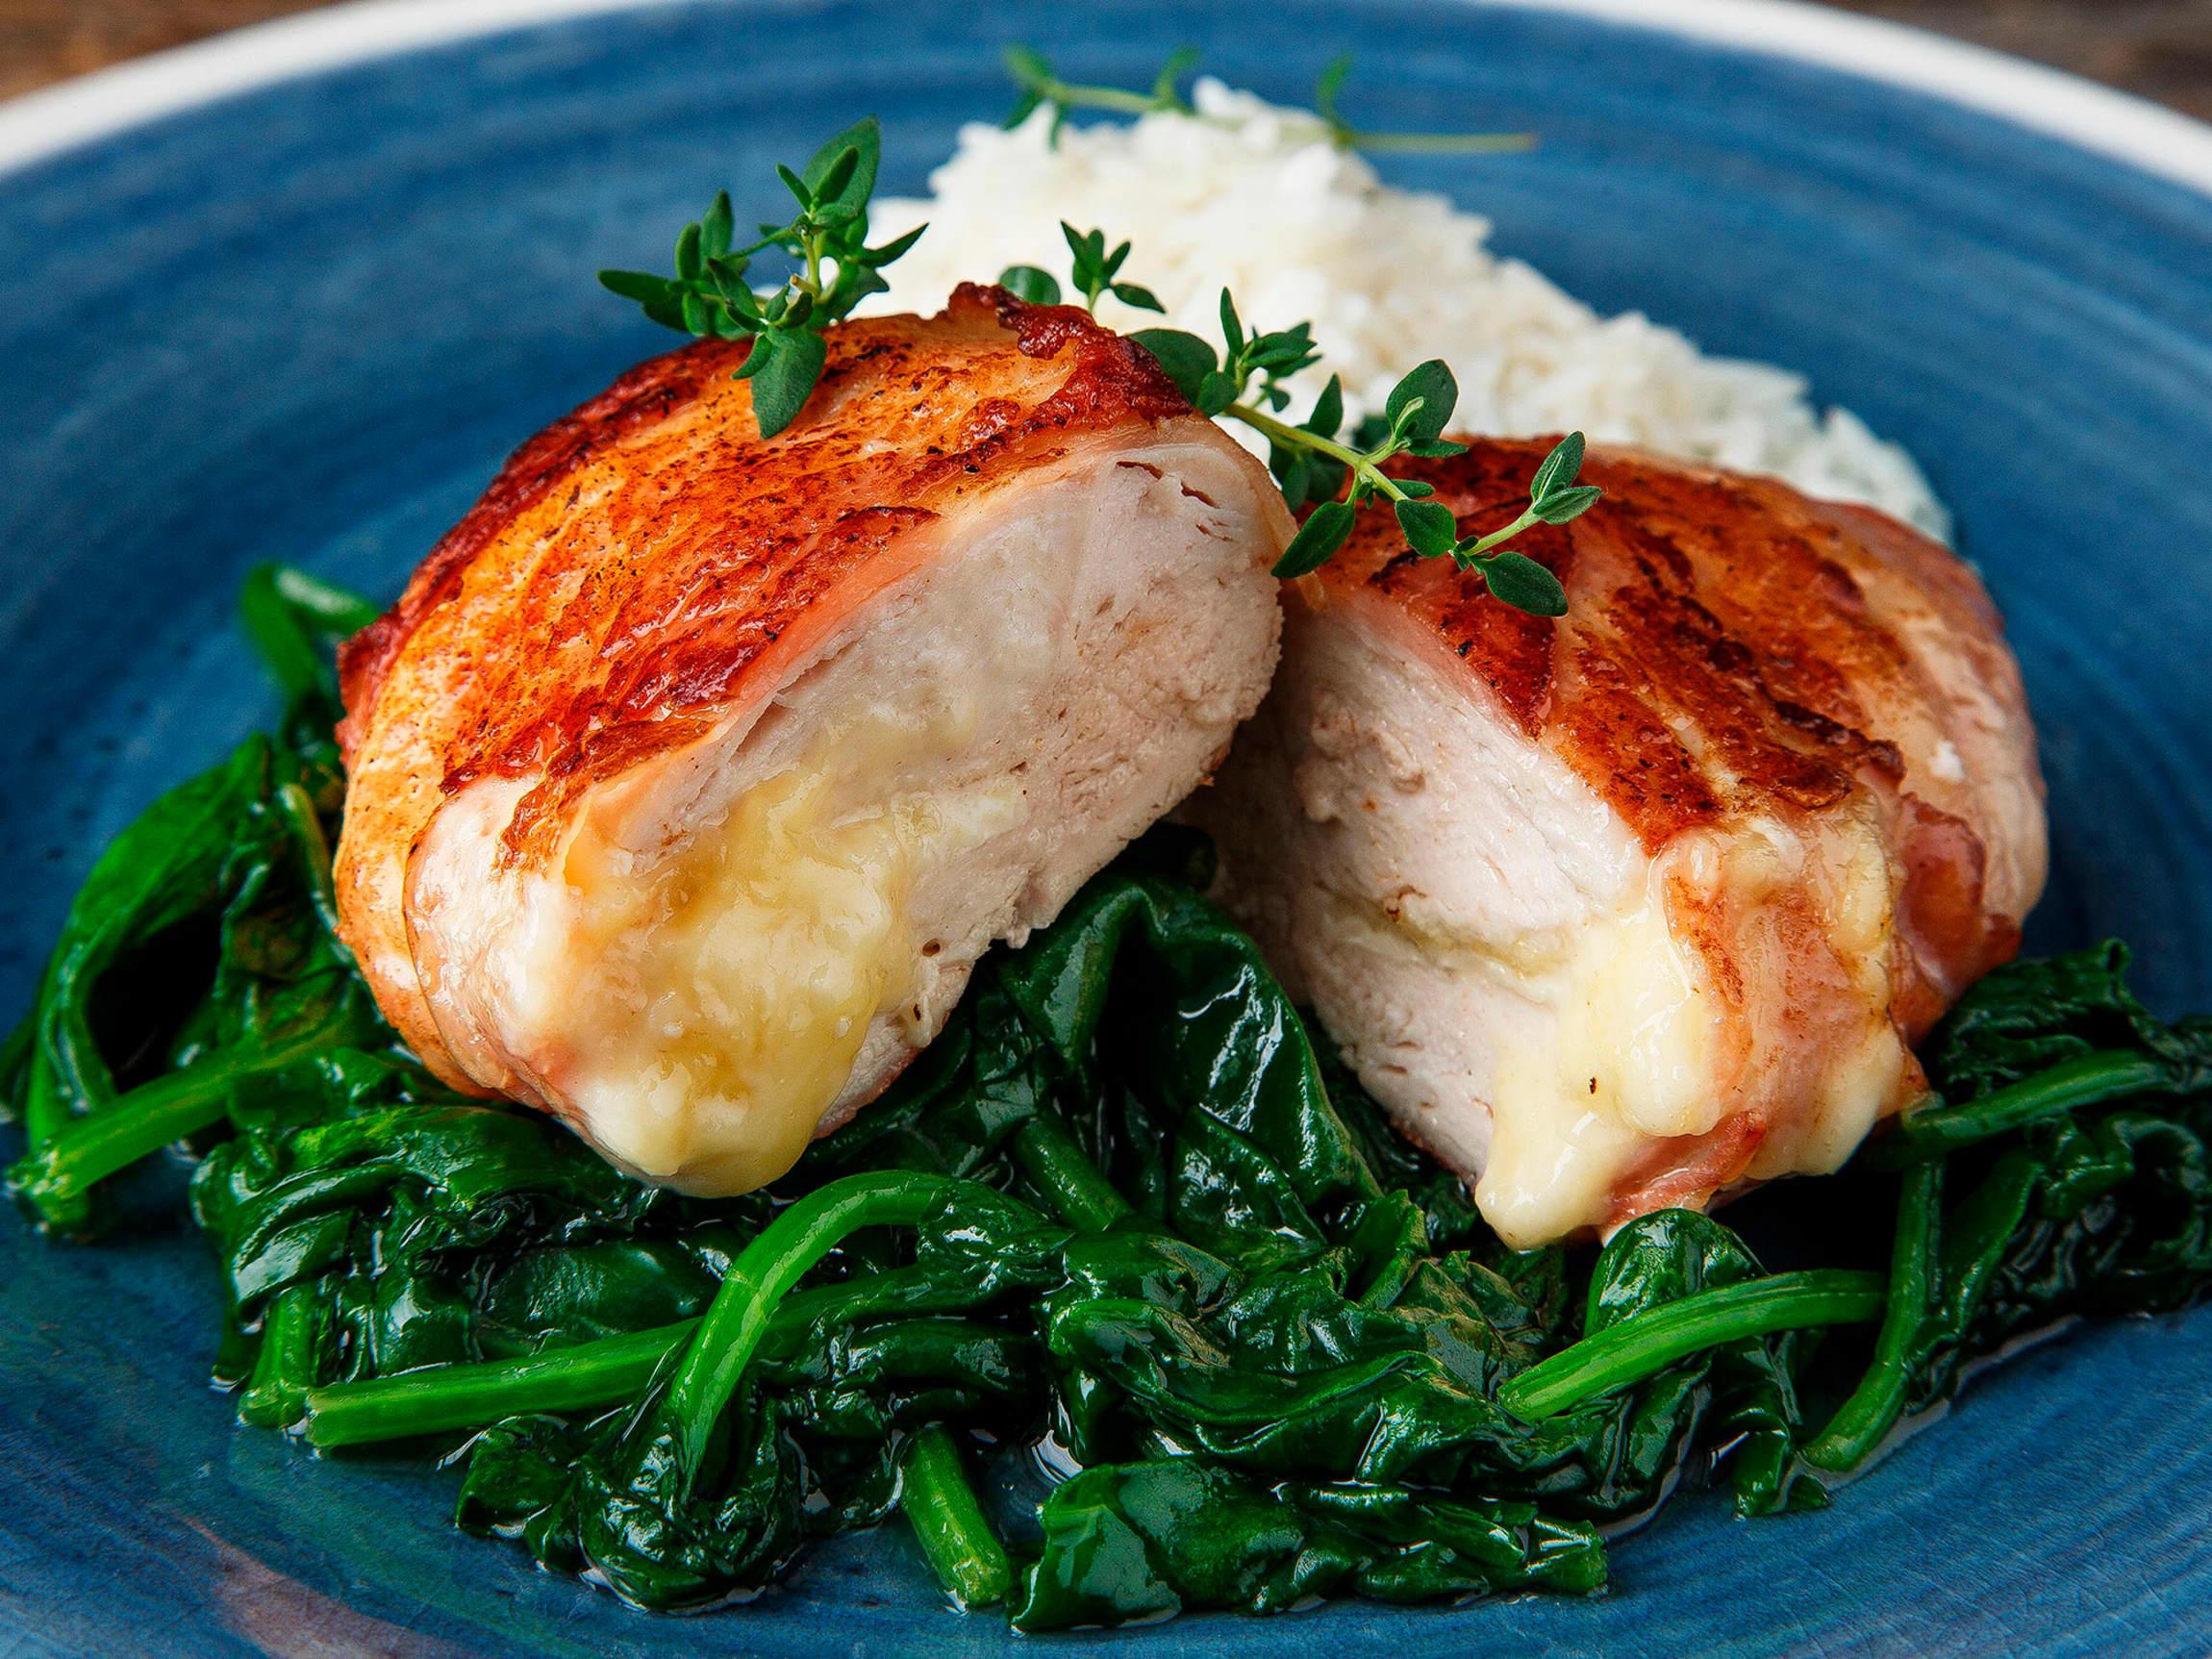 Middagstips: Slik bruker du ost i matlagingen